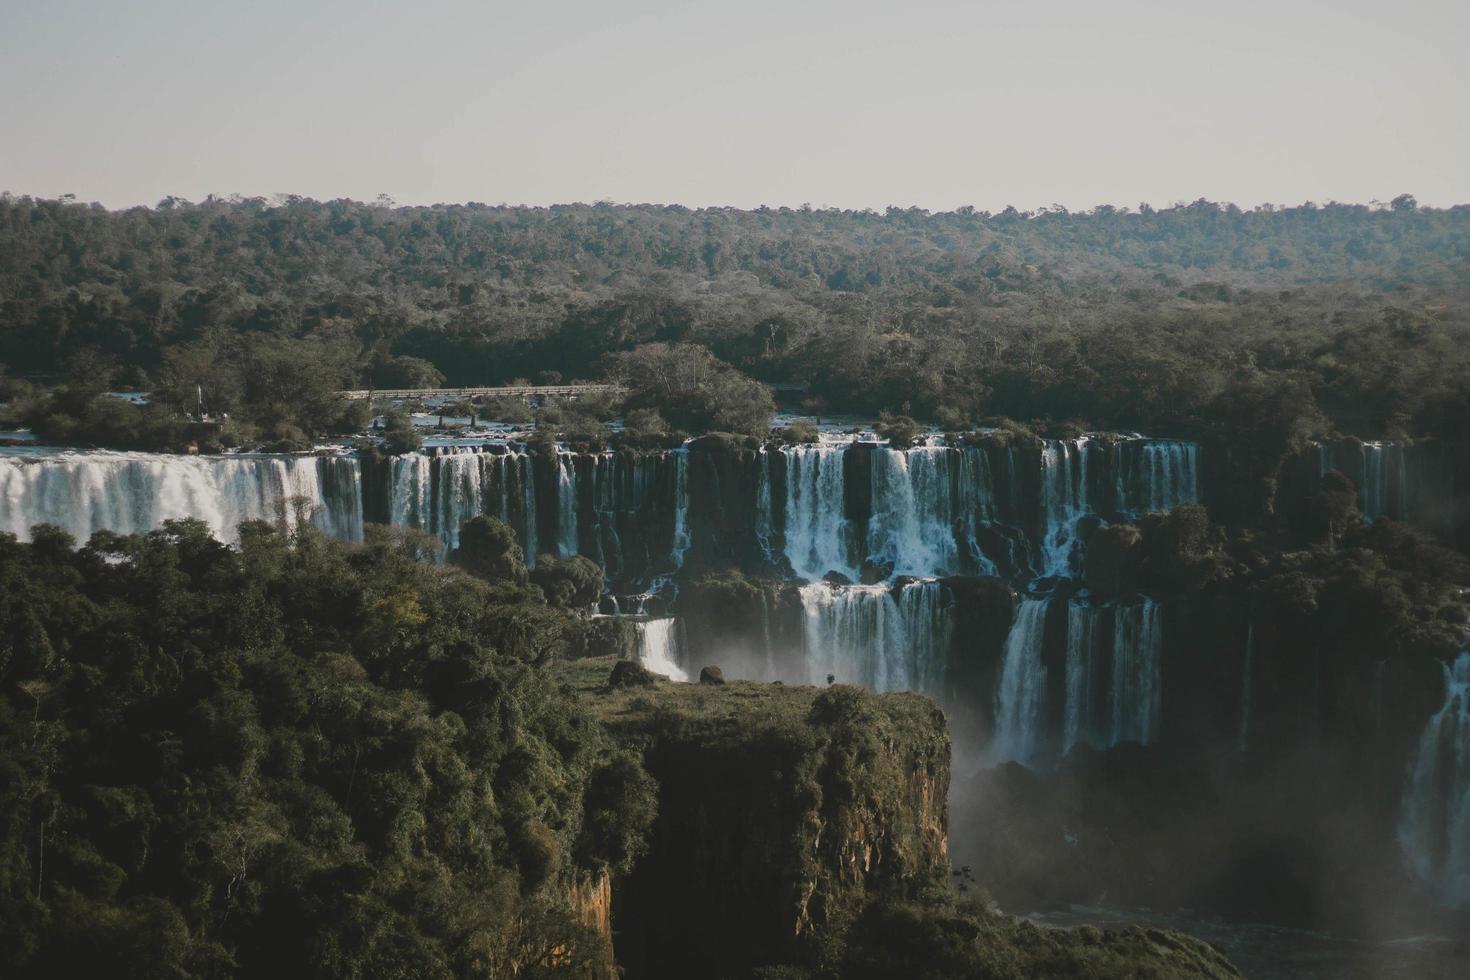 foto aerea della cascata circondata da alberi verdi